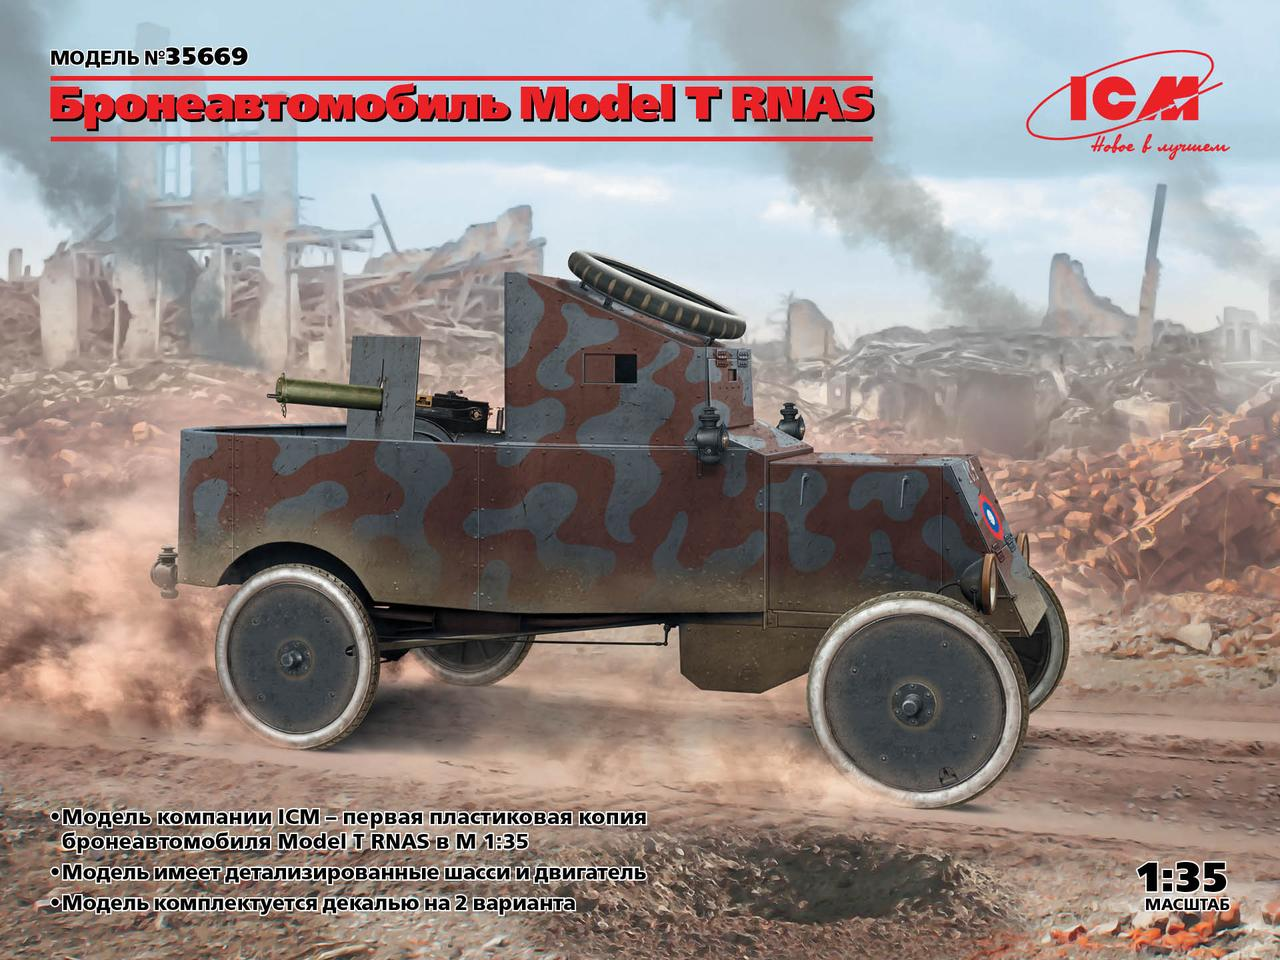 Бронеавтомобиль Model T RNAS. Сборная модель. 1/35 ICM 35669